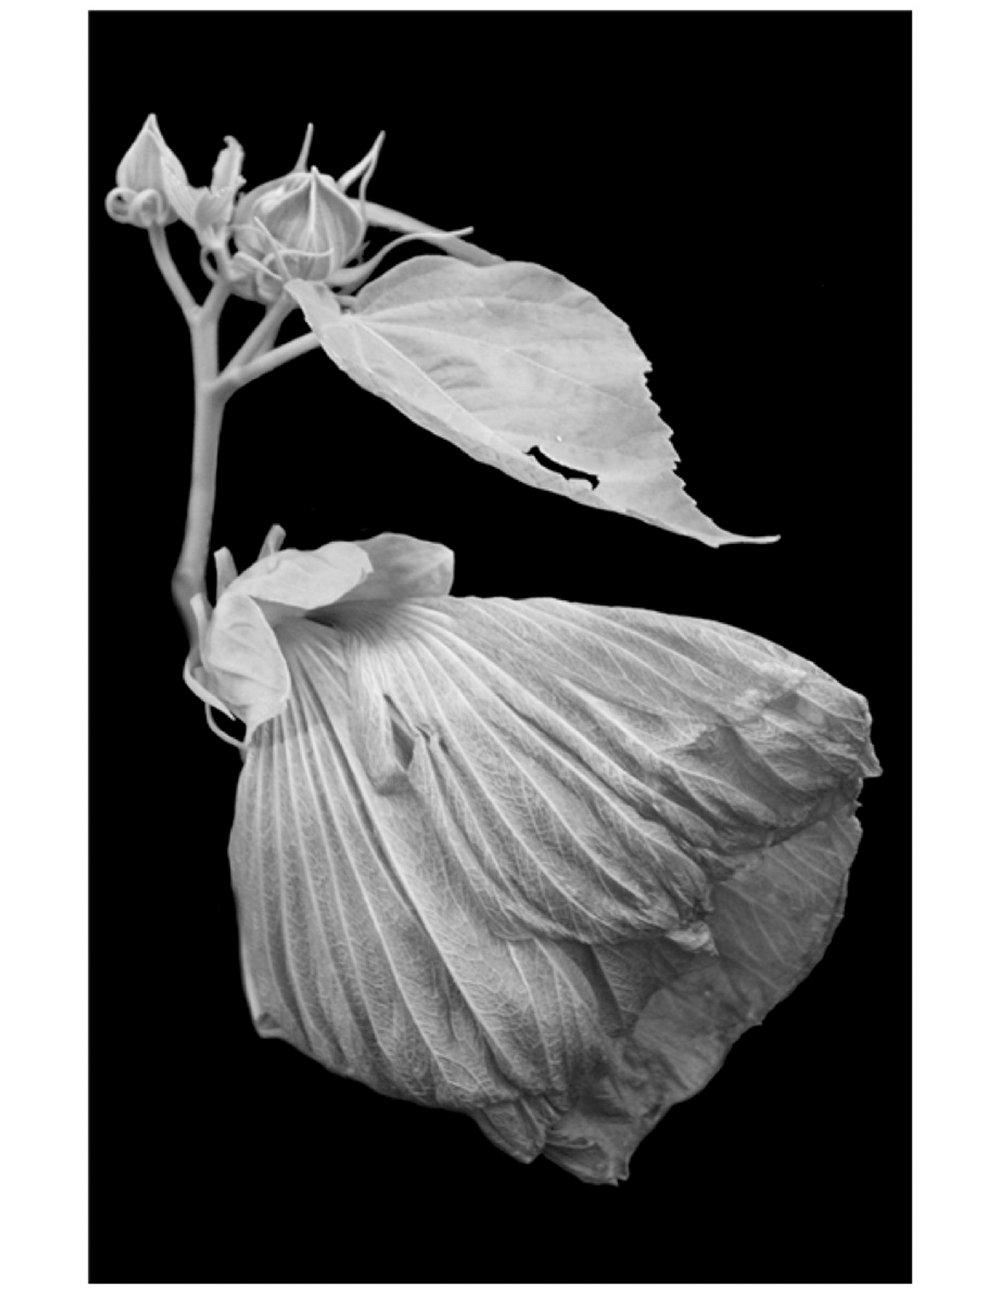 hamlet+mag+single+flower.jpg